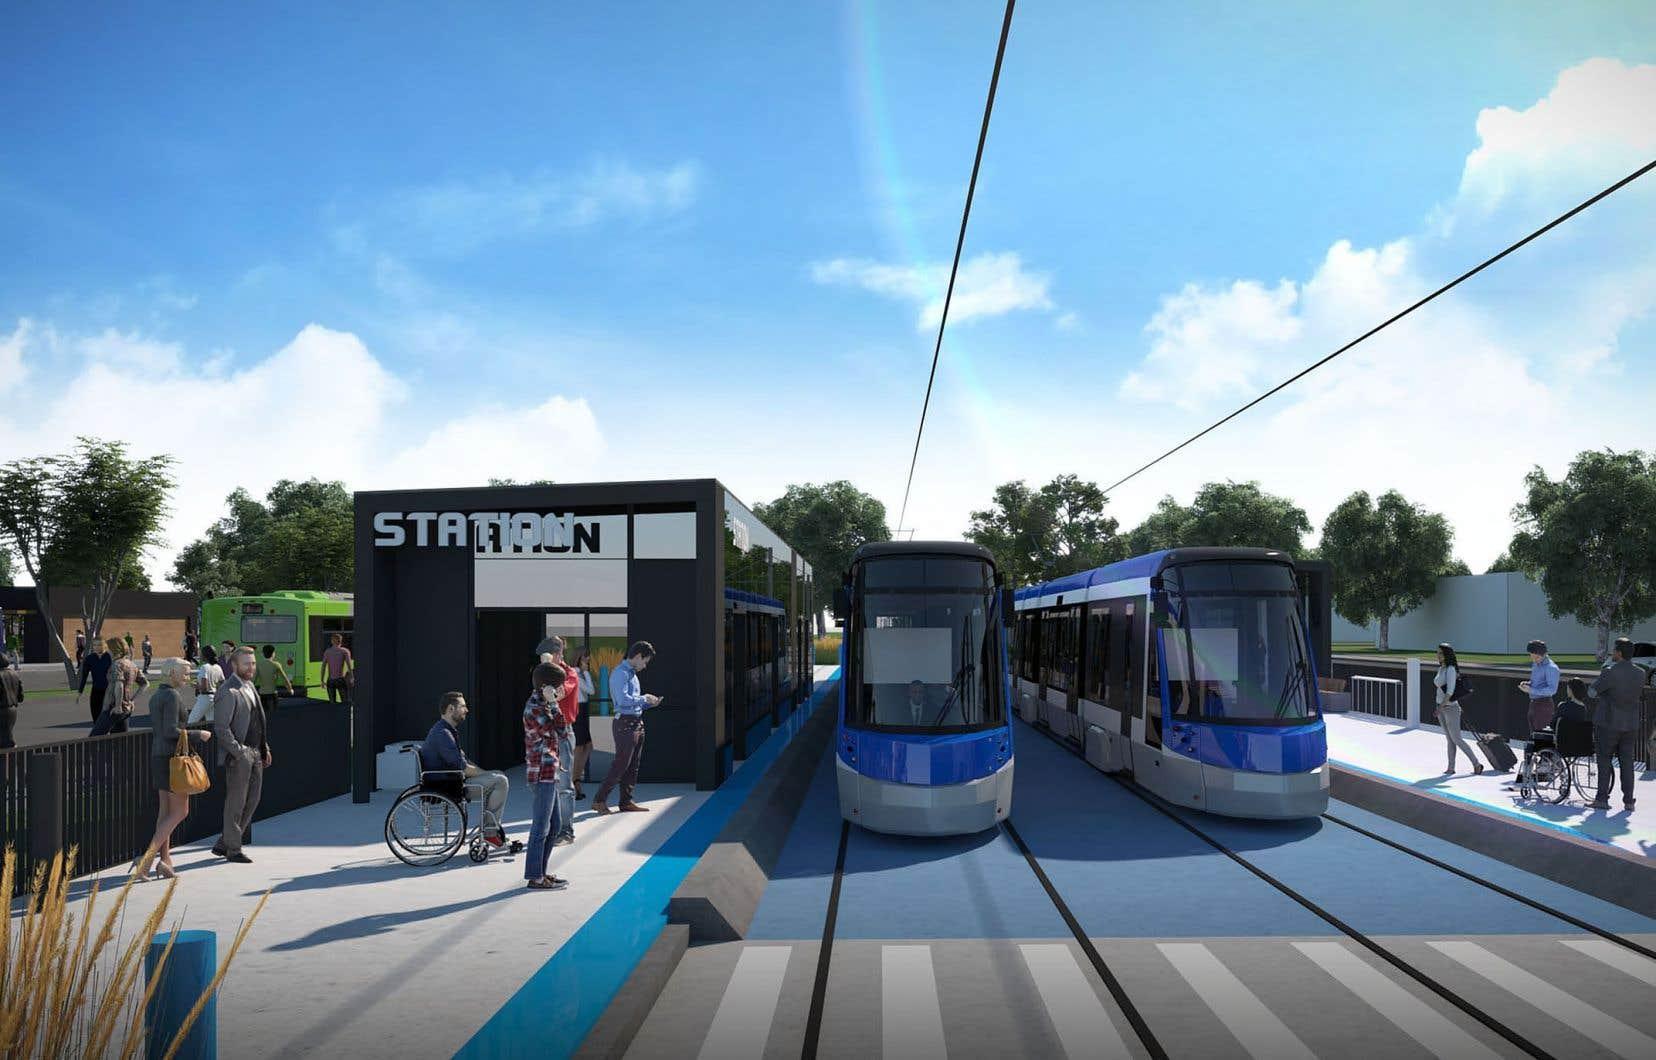 Bombardier veut se donner la possibilité d'aller chercher jusqu'à 50% du contrat en sous-traitancedes voitures du futur tramwaydans certaines circonstances, comme l'absence d'un concurrent européen dans l'appel d'offres.